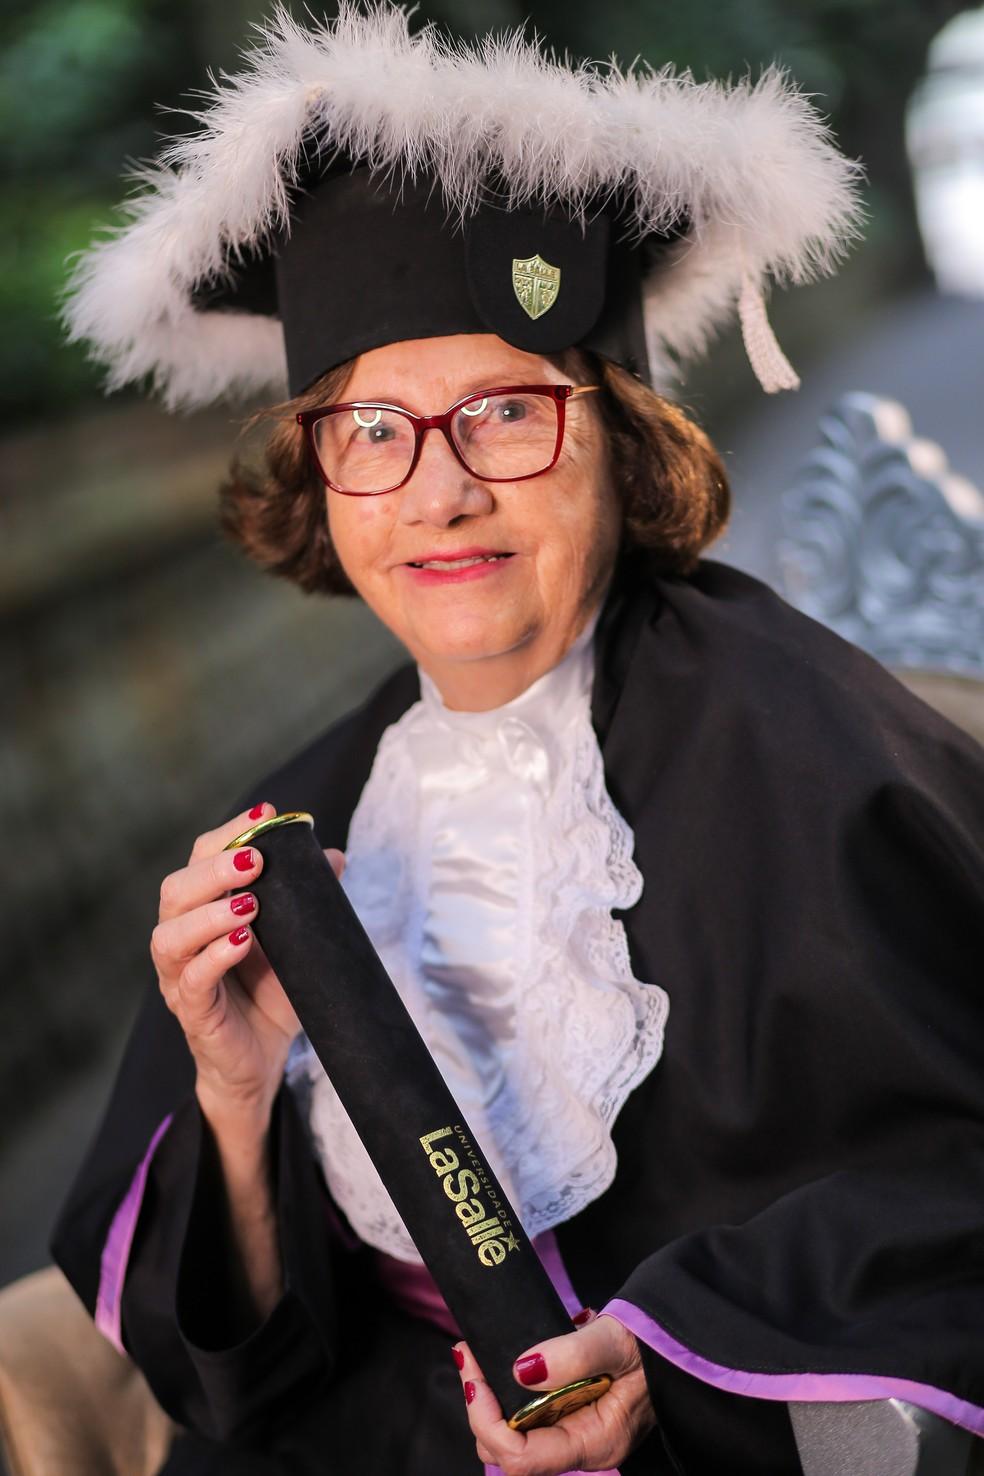 Maria iniciou sua primeira faculdade prestes a completar 80 anos, e agora planeja escrever biografias e voltar a estudar mais uma vez — Foto: Portho Sul